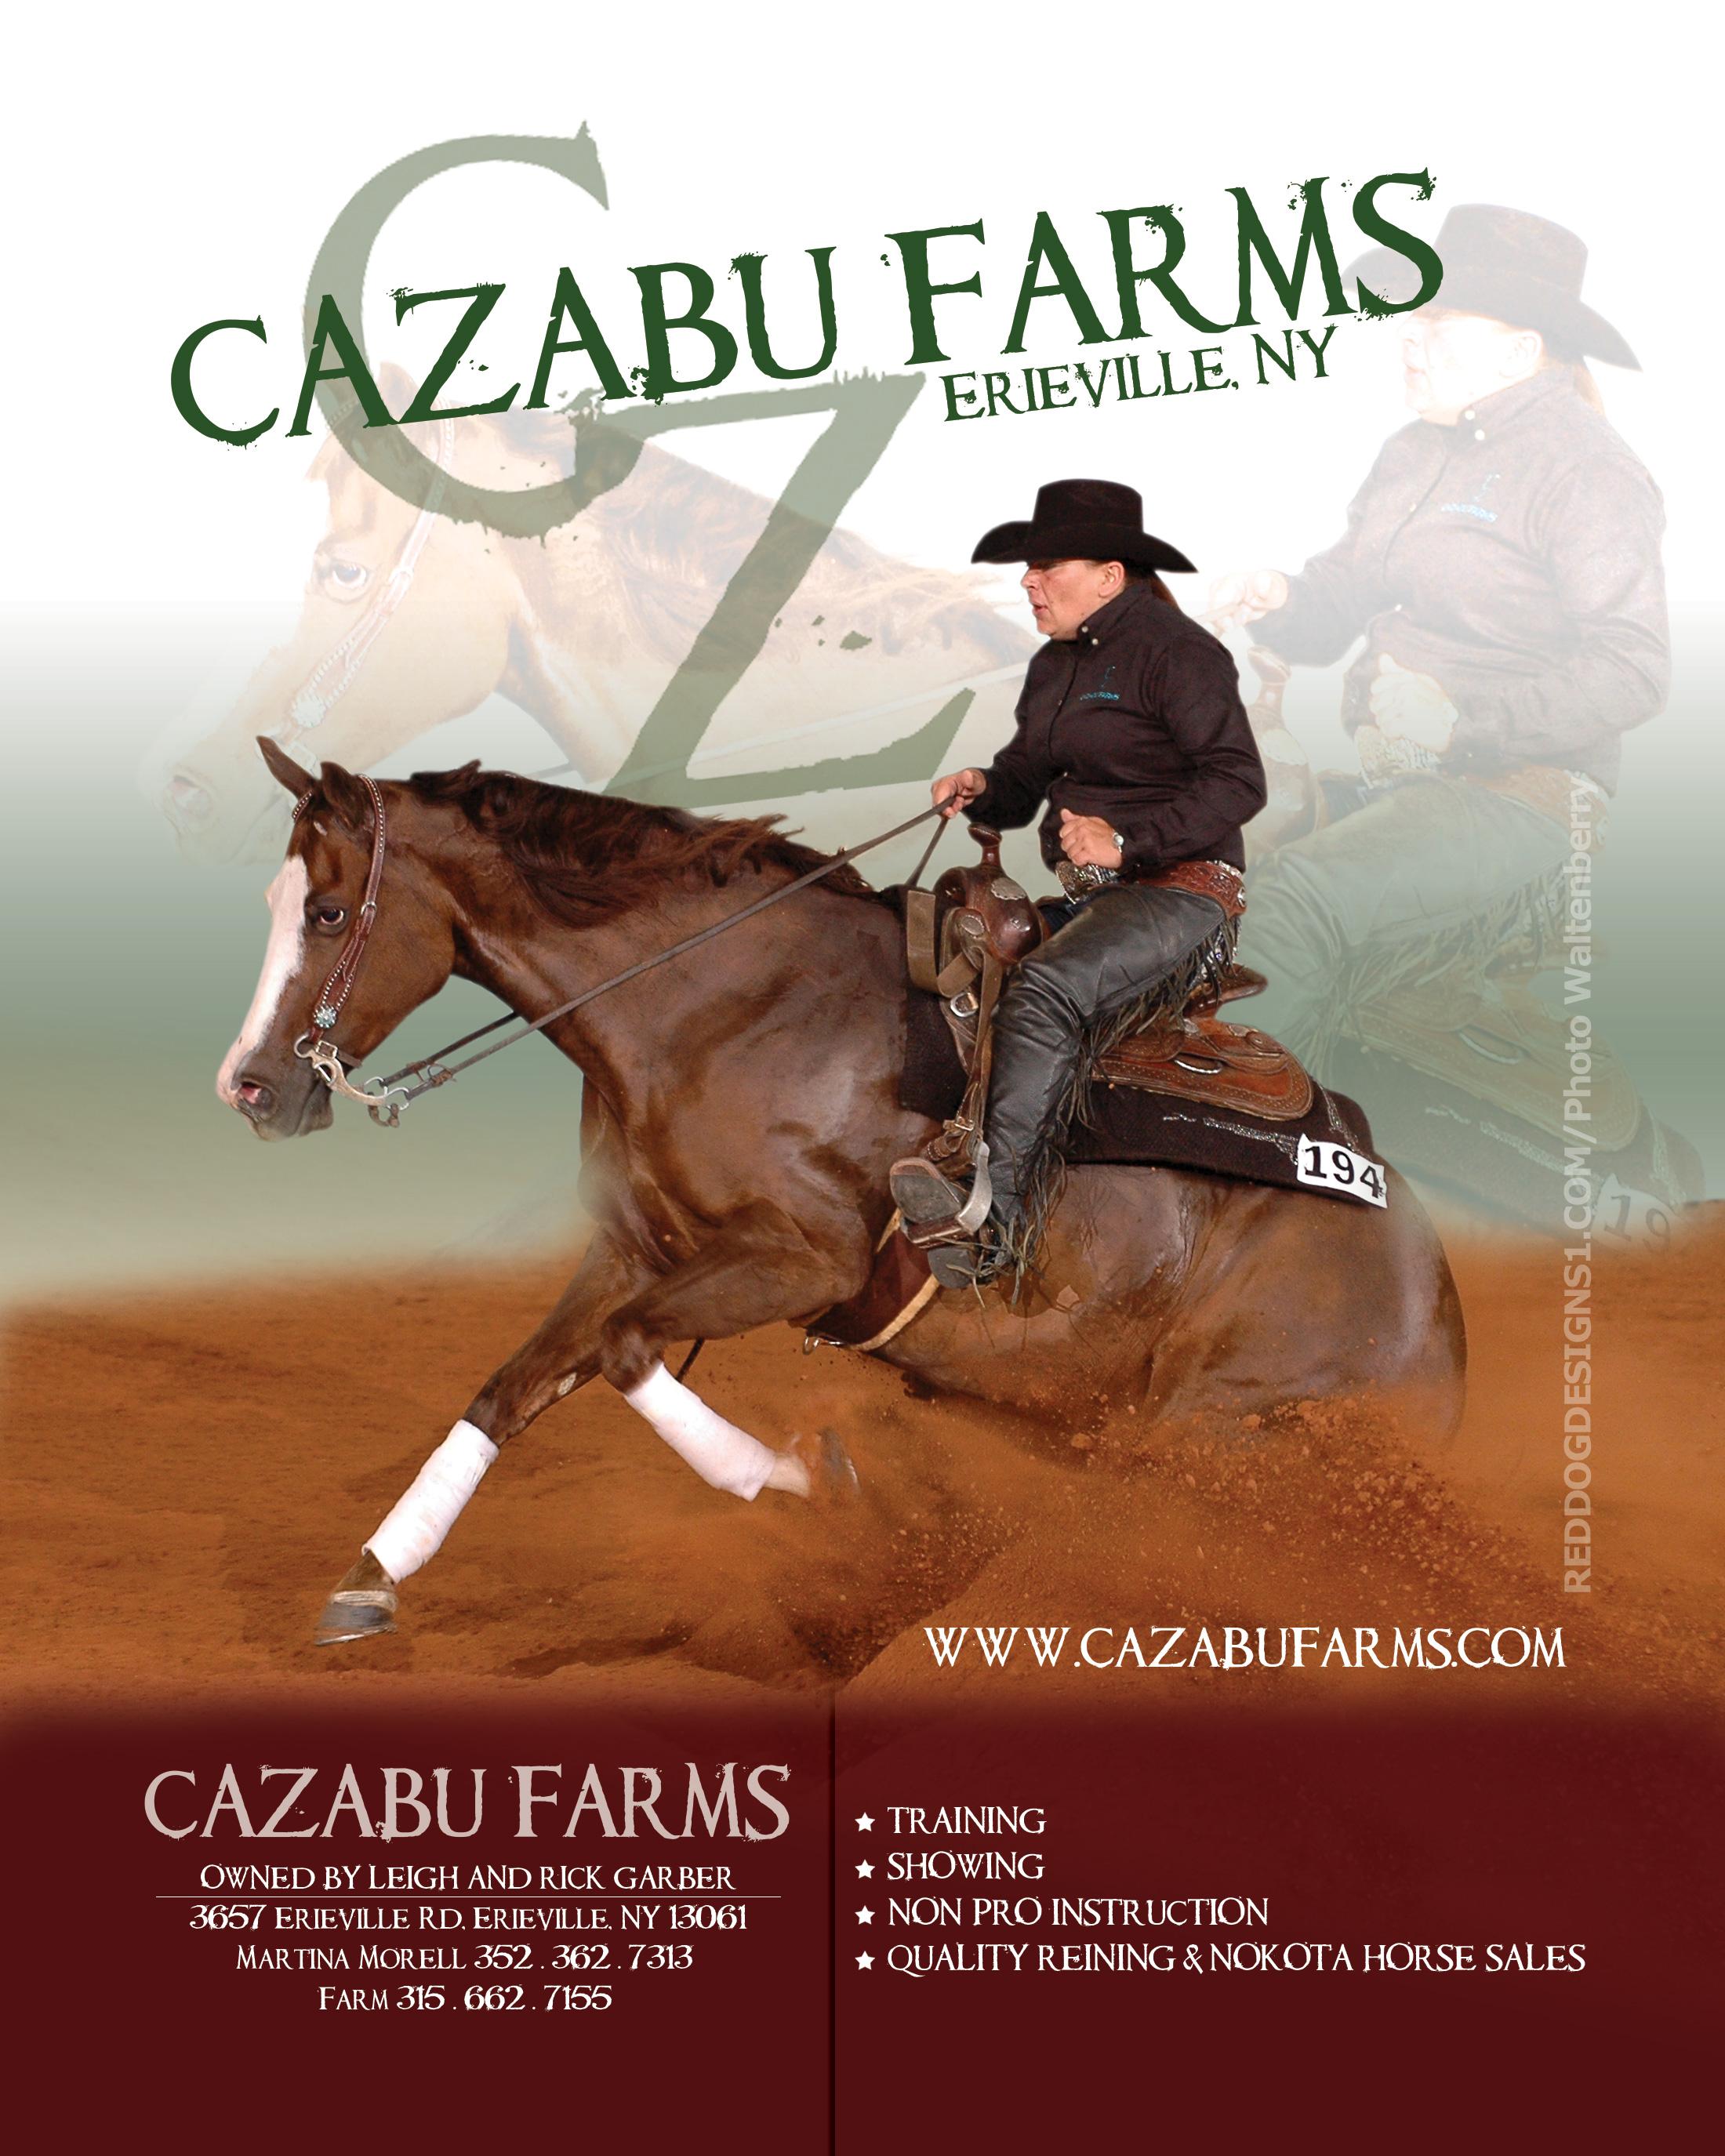 Cazabu Farms